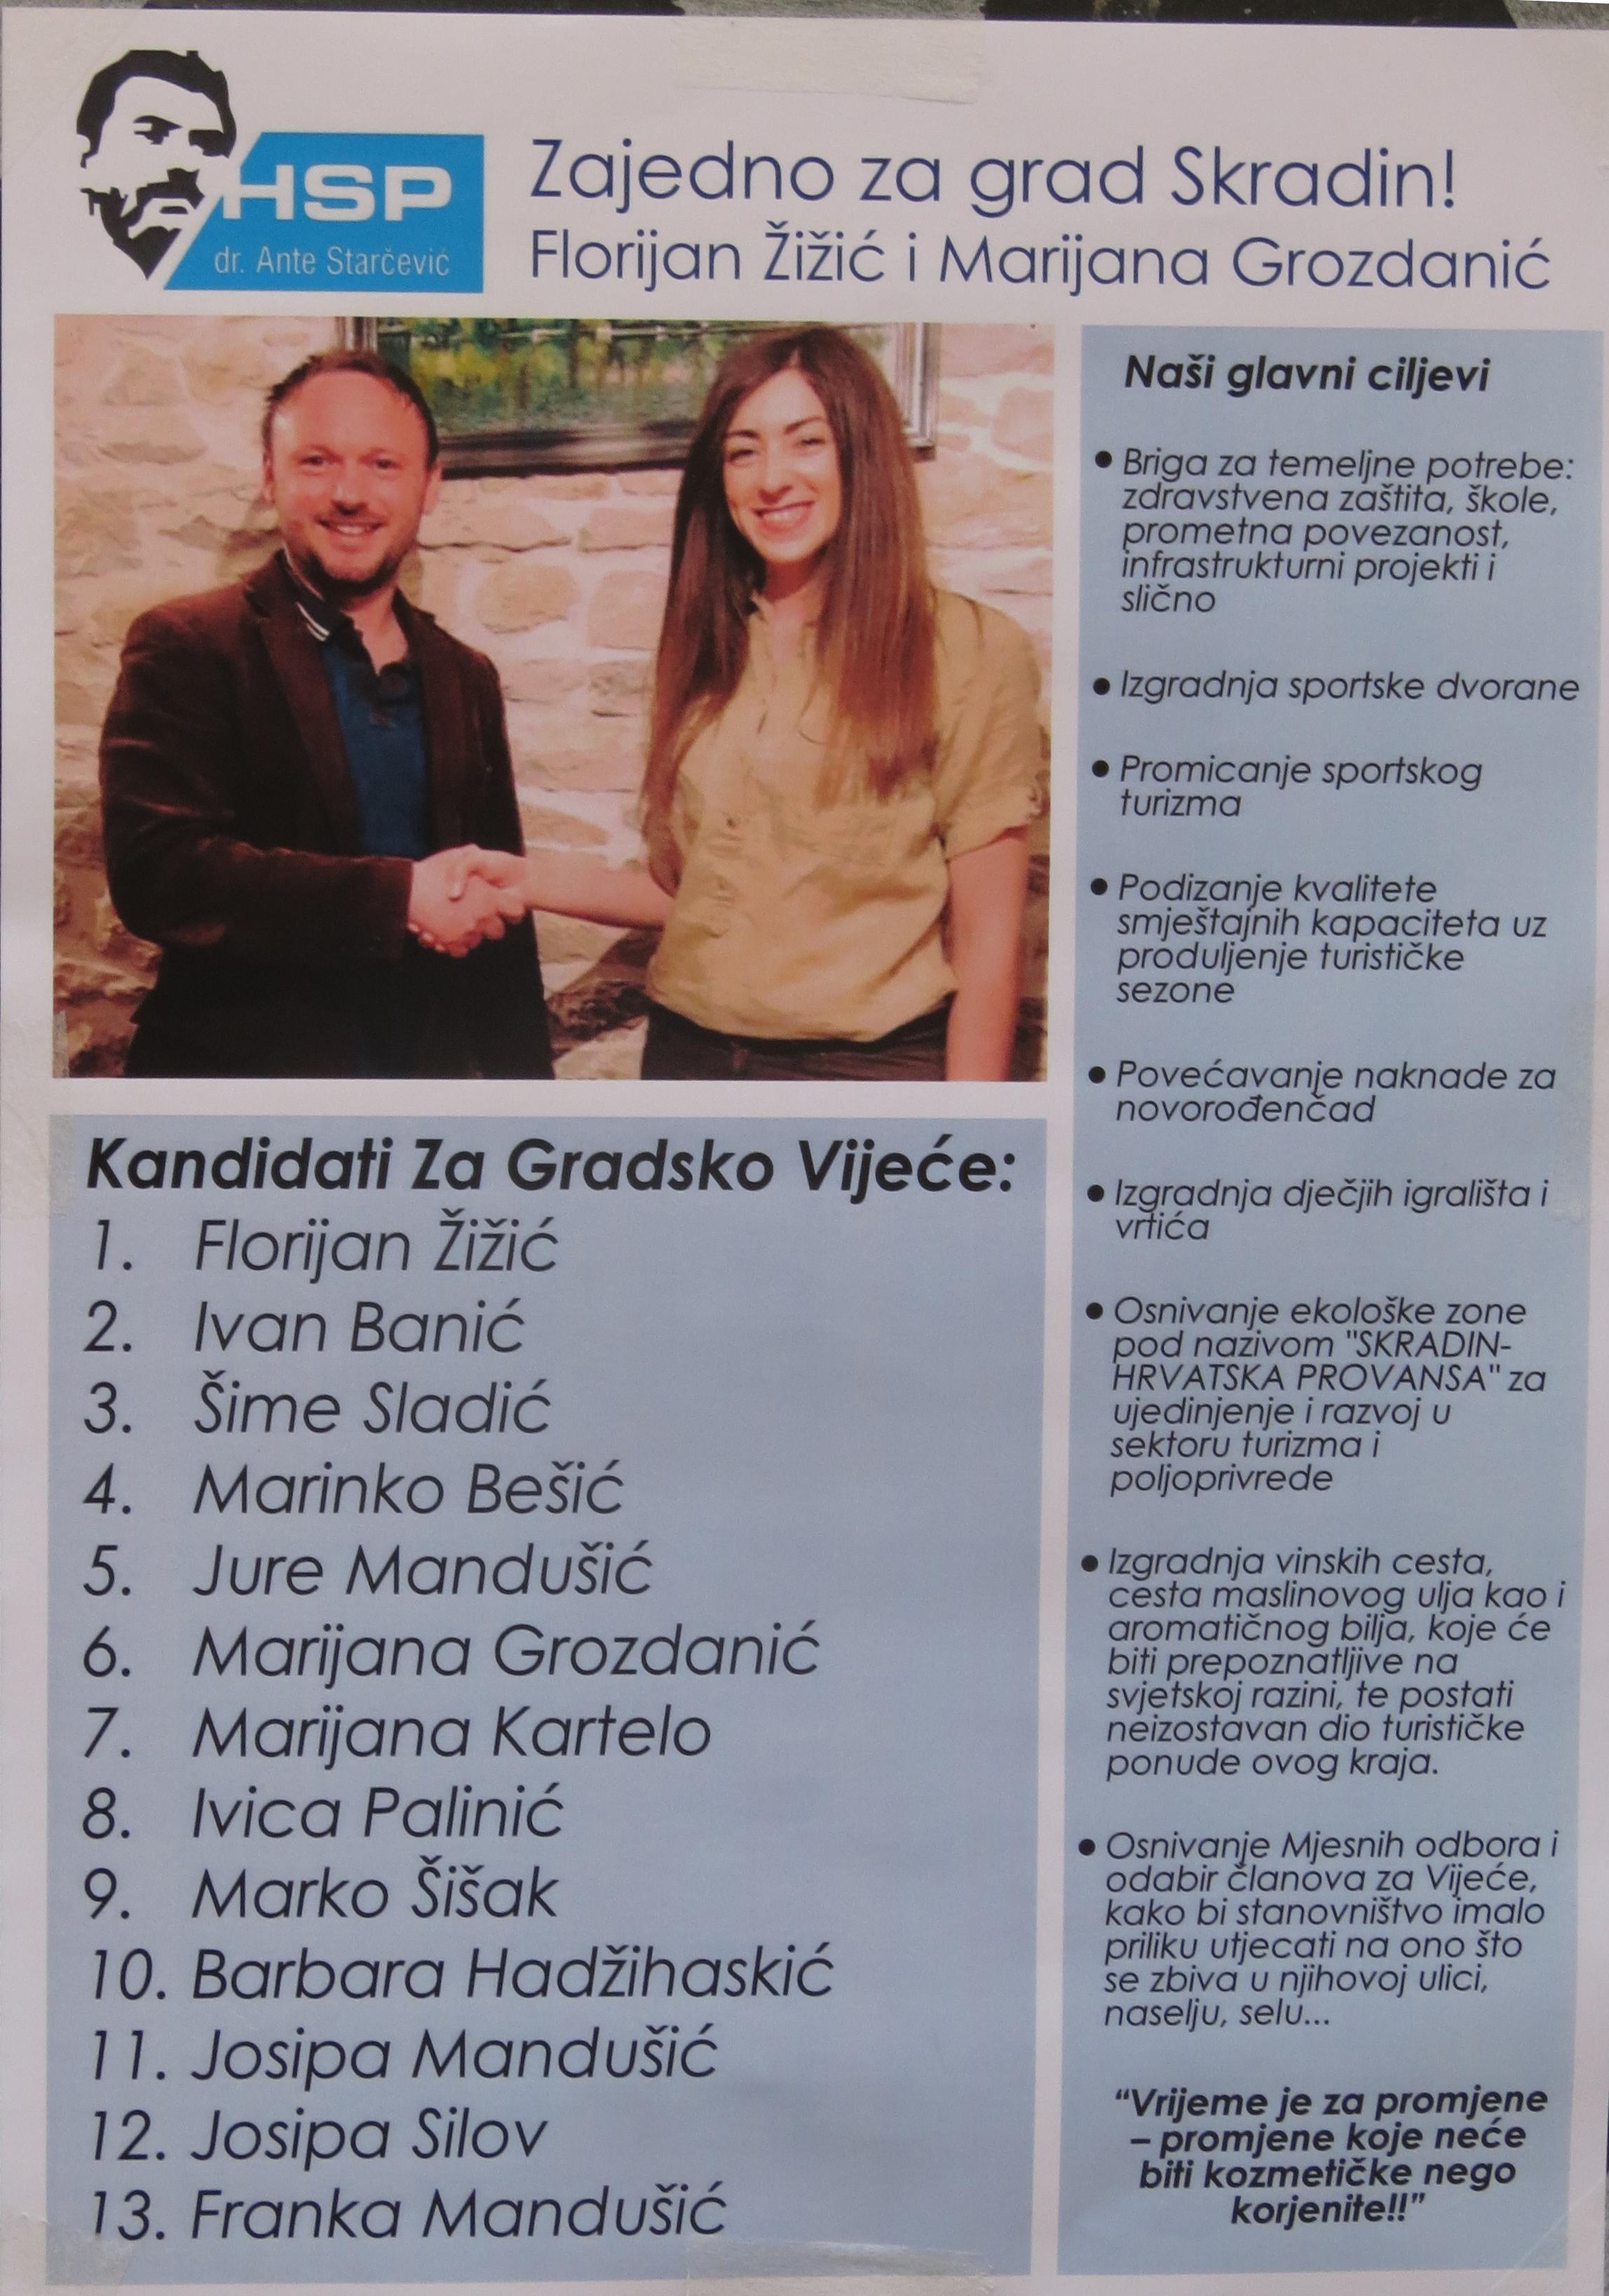 Cidade de Skradin – Hrvatska stranka prava (HSP; Partido dos Direitos Croatas)